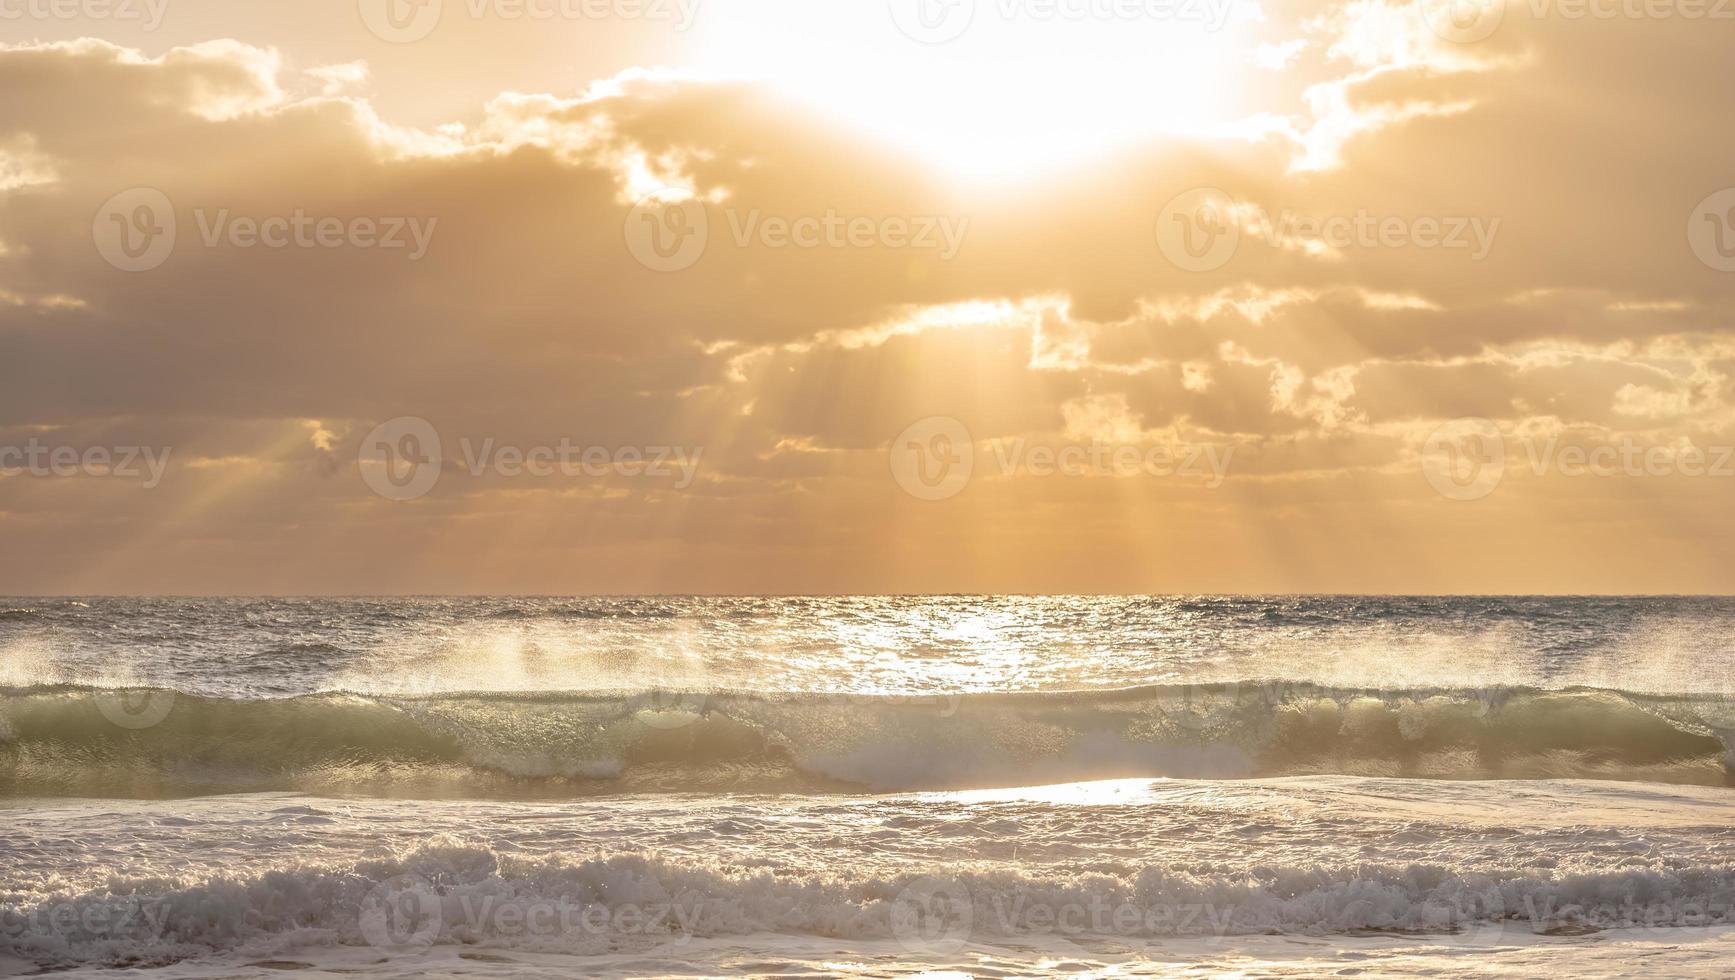 havsvåg. foto